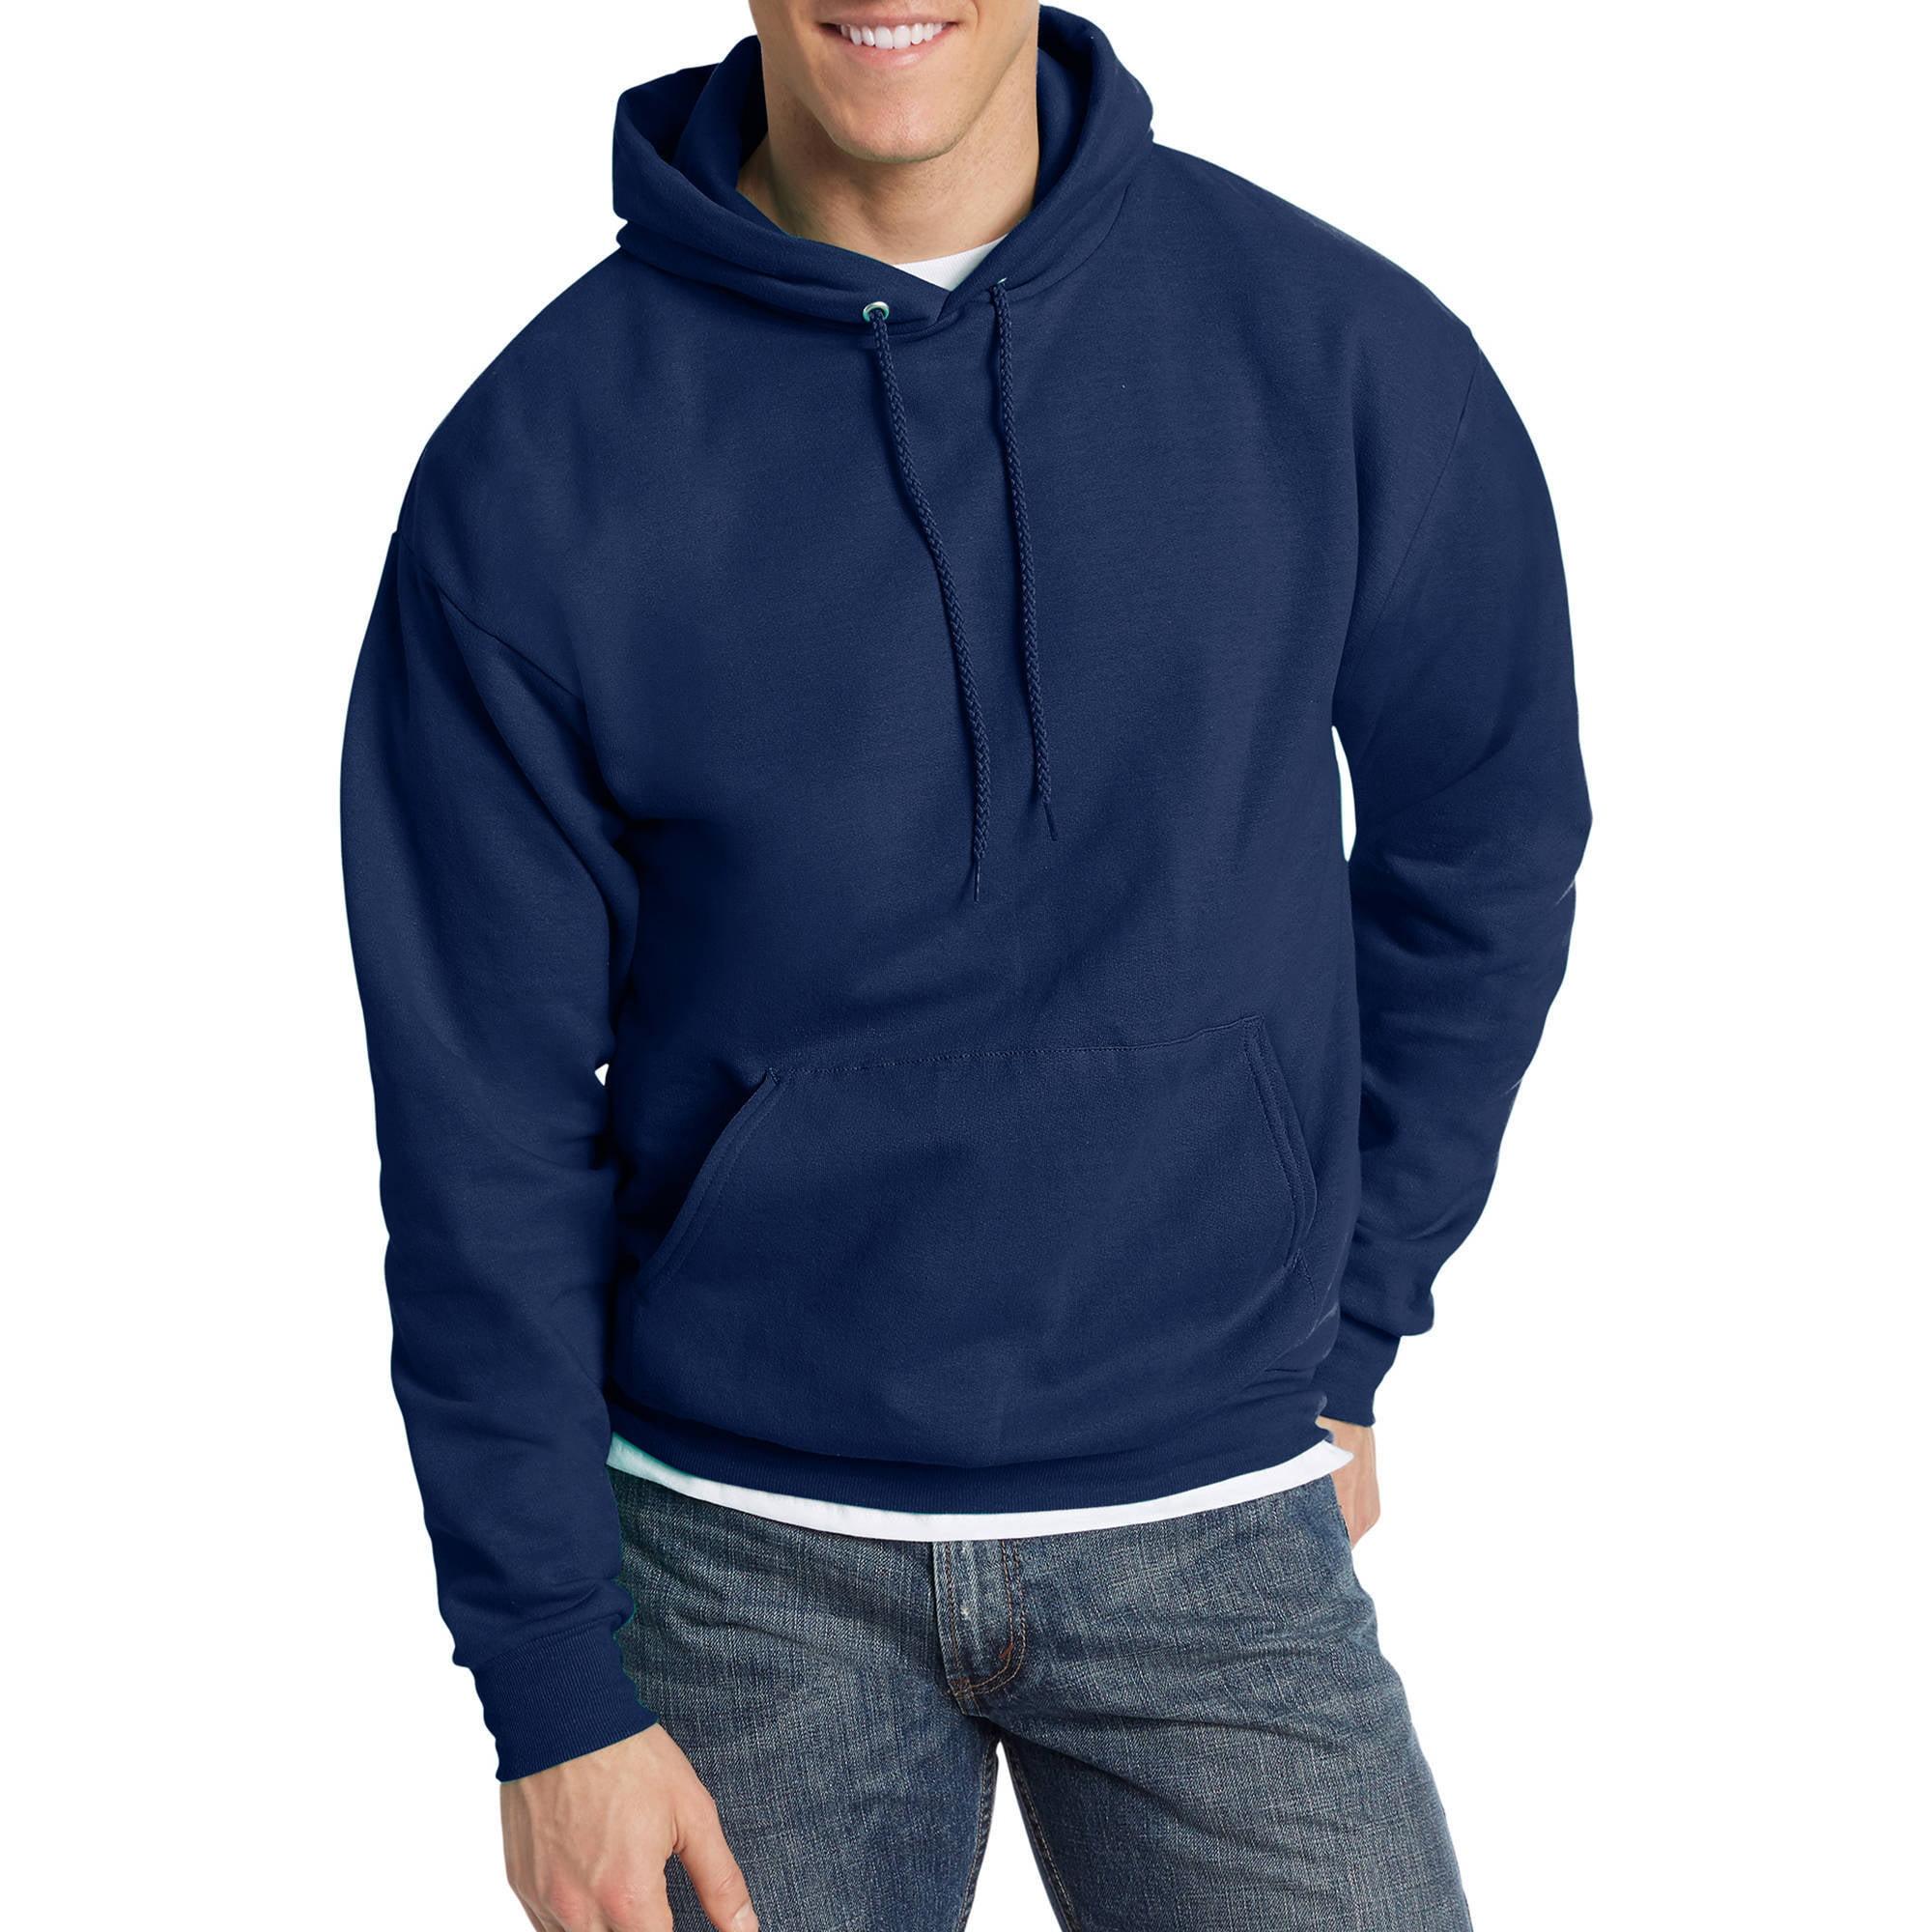 Hanes Men's EcoSmart Fleece Pullover Hoodie with Front Pocket ...